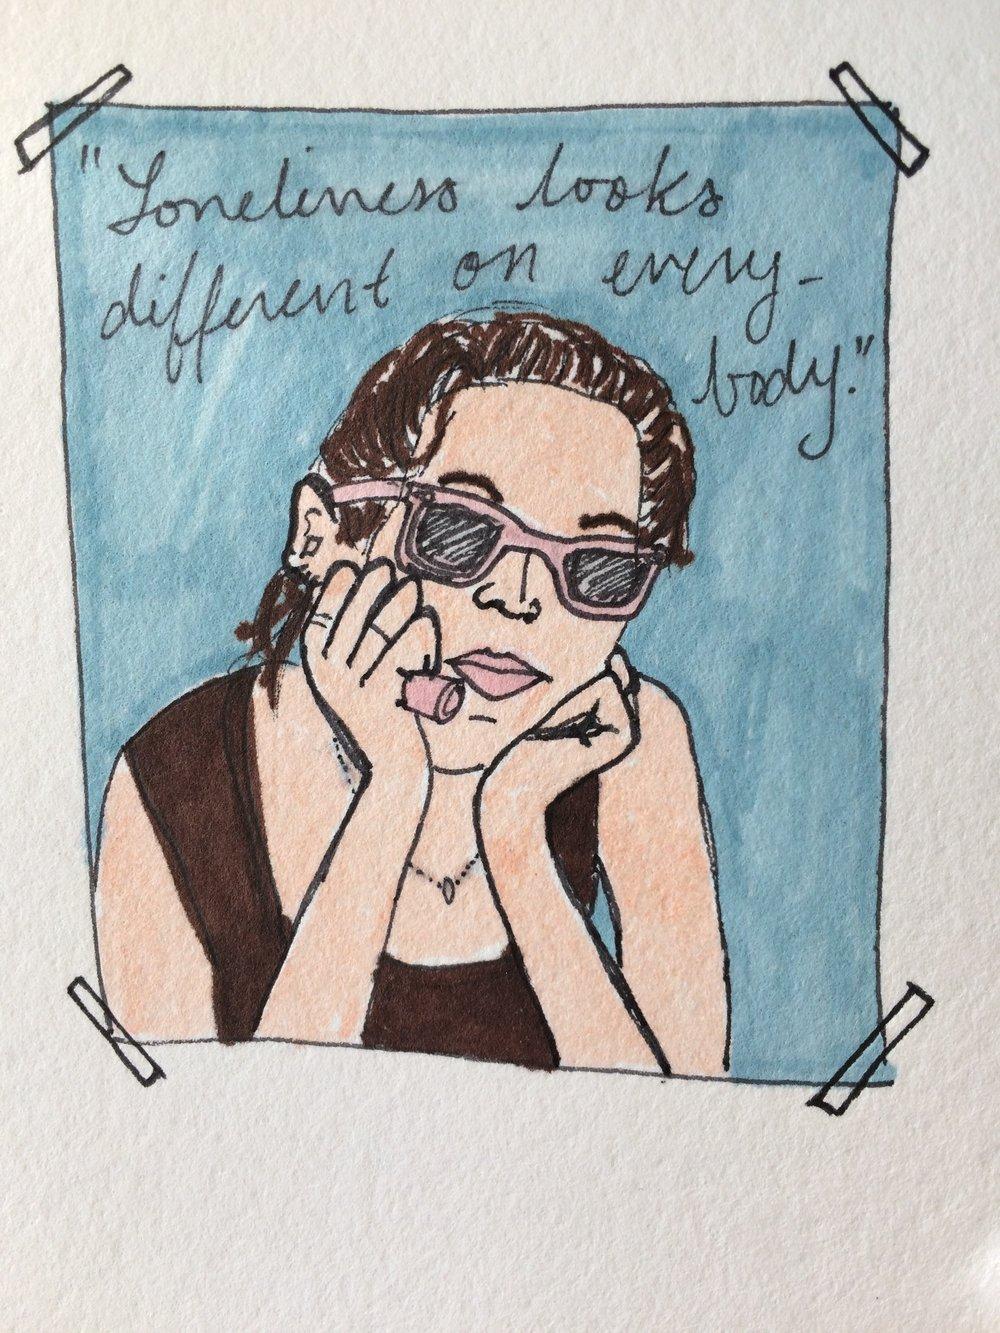 Drawing by Hannah Rehak